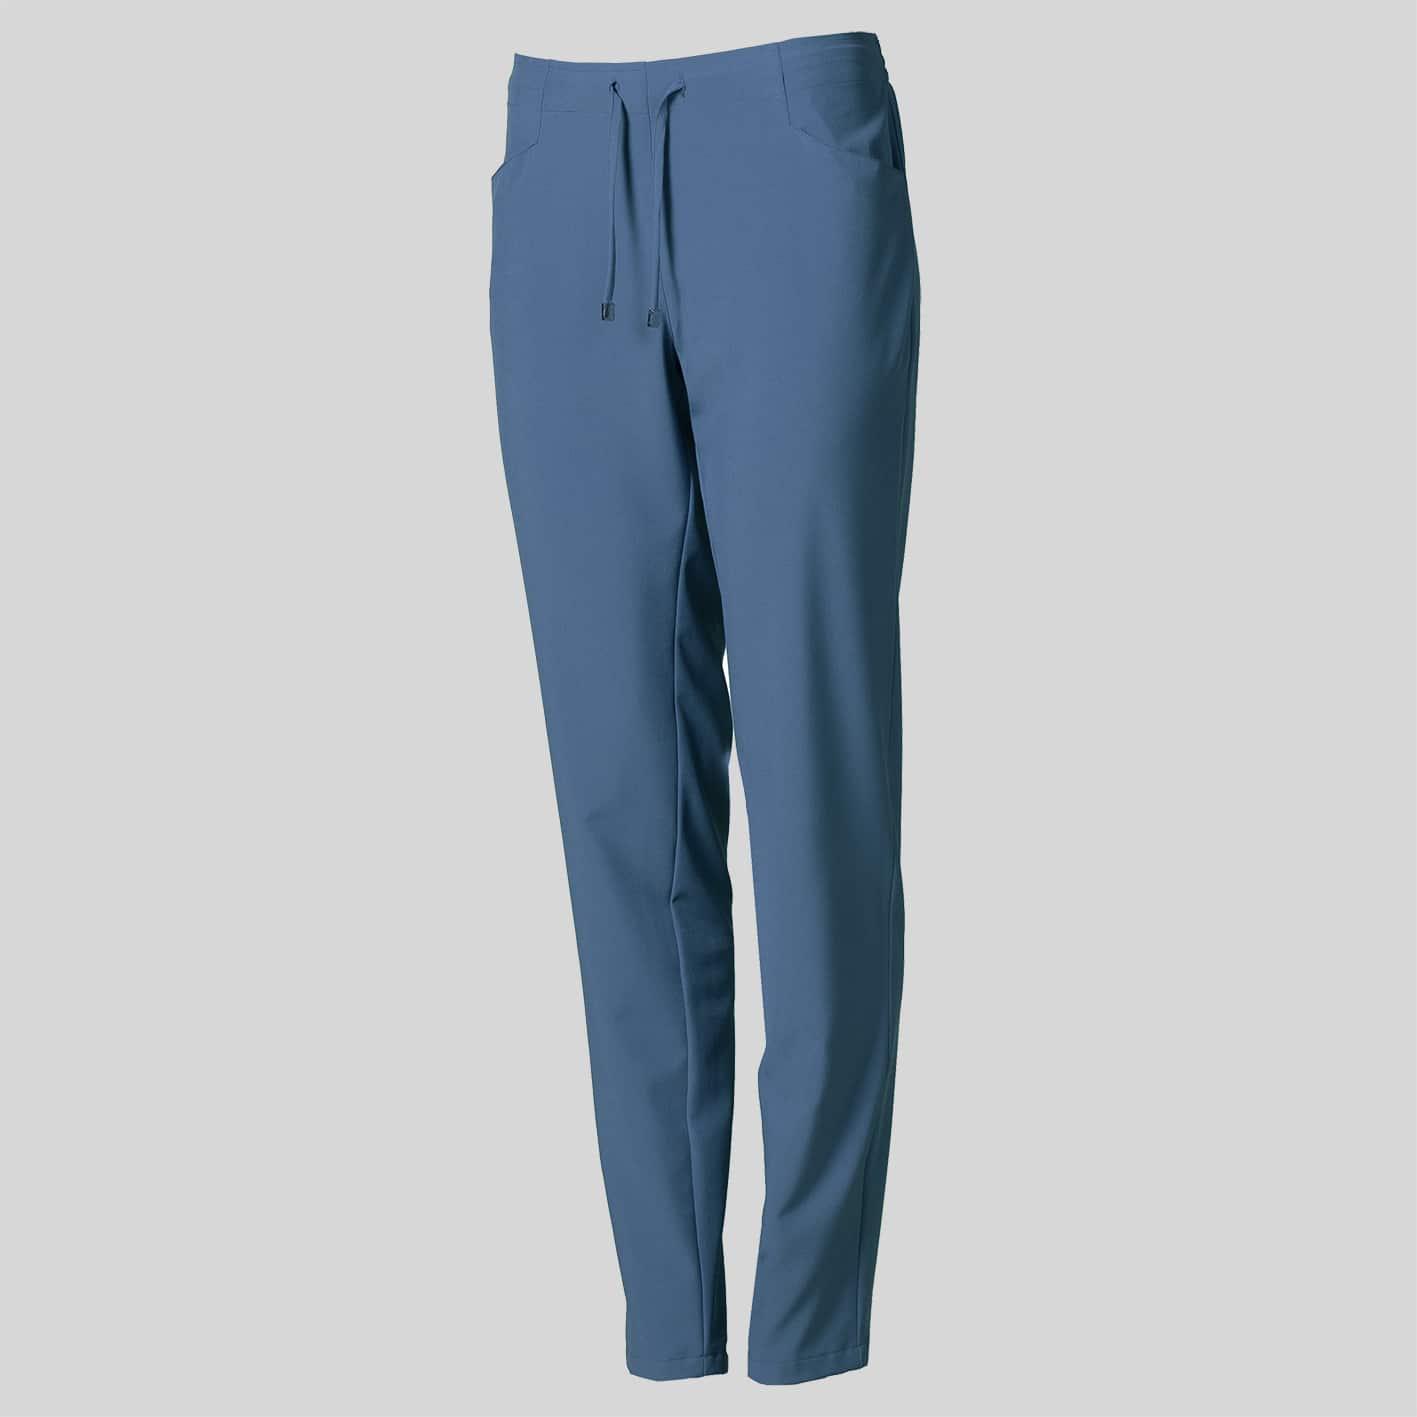 Gary´s 704800 Pantalon Mujer Bols. Americano Azul GrisÁceo